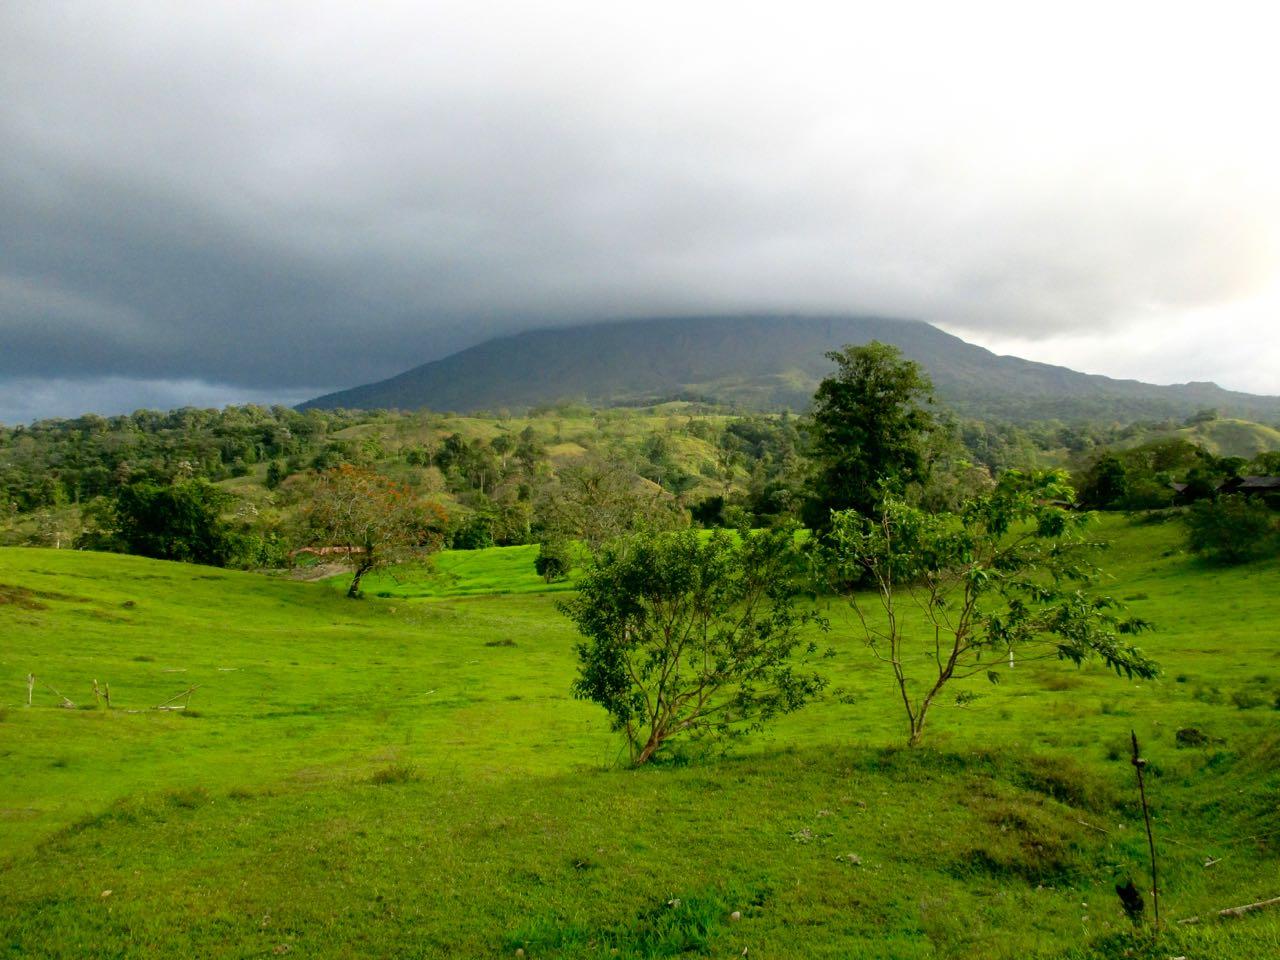 Le volcan Arenal sous la brume